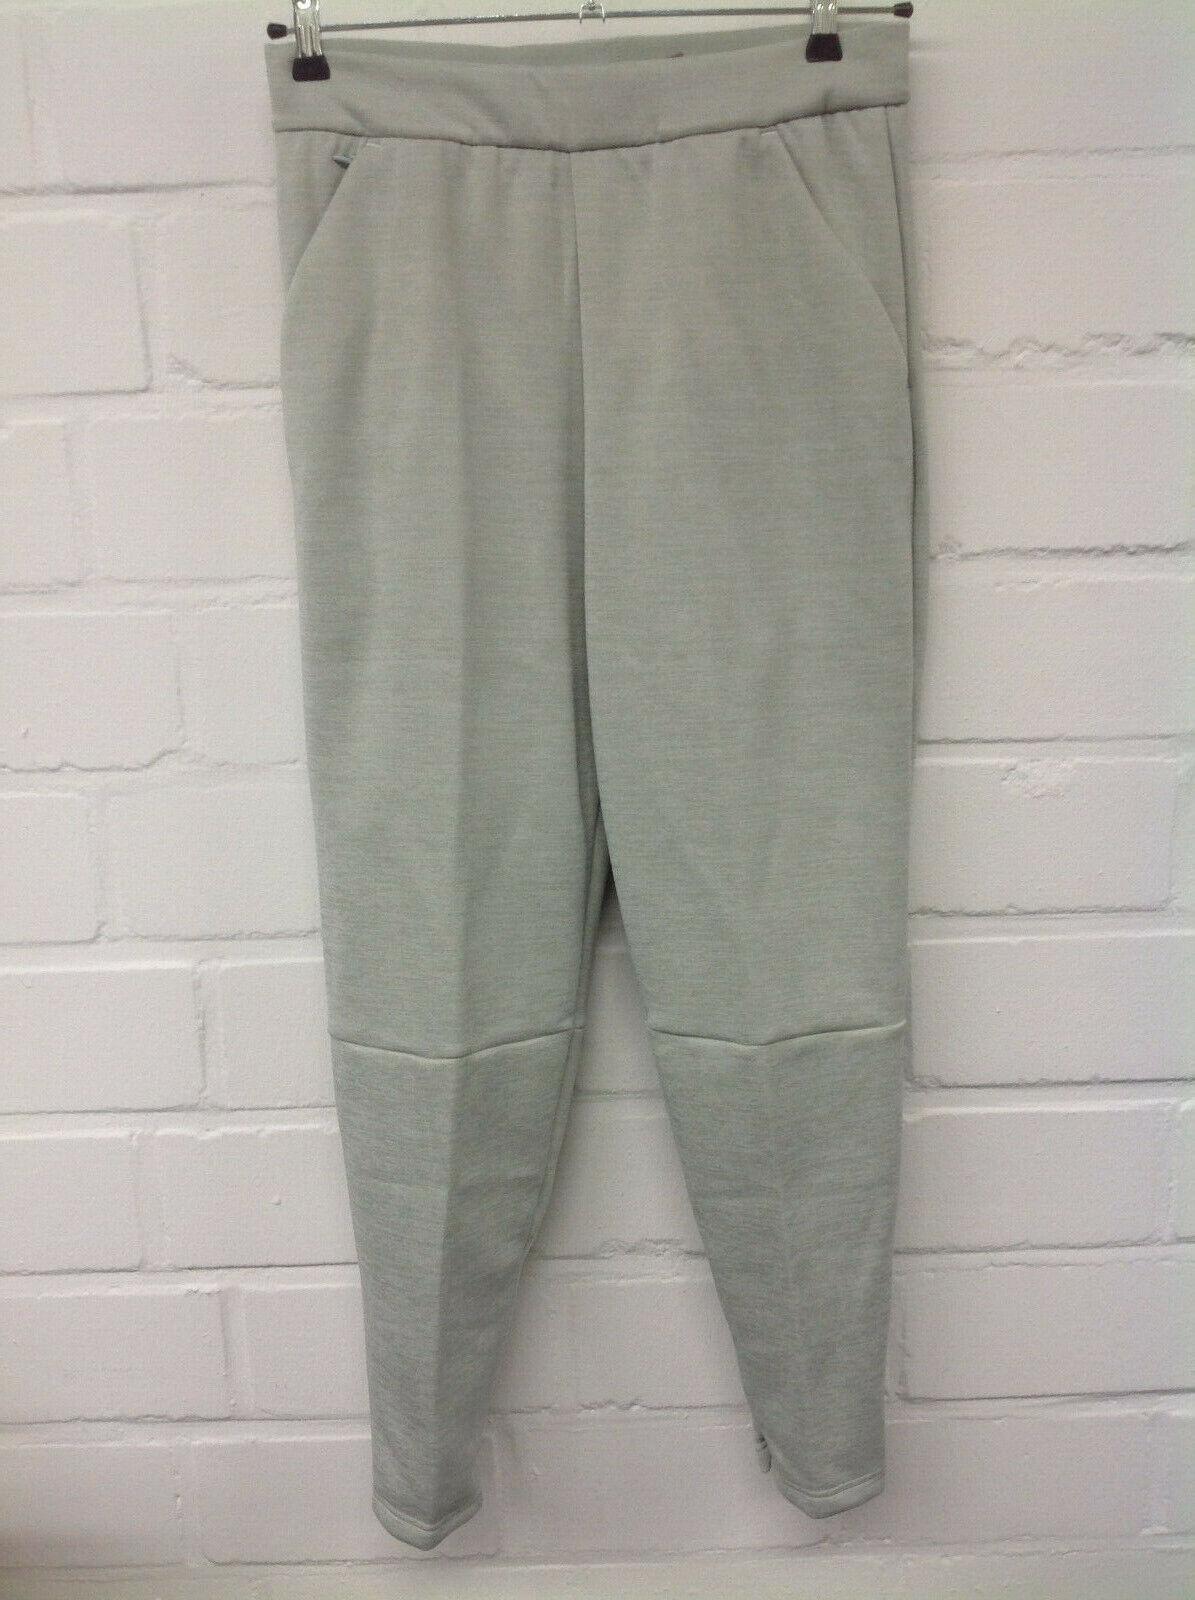 Adidas señores  sweathose zne taperojo Pants (dm8845) en gris, talla M-XL  nuevo   tienda de descuento